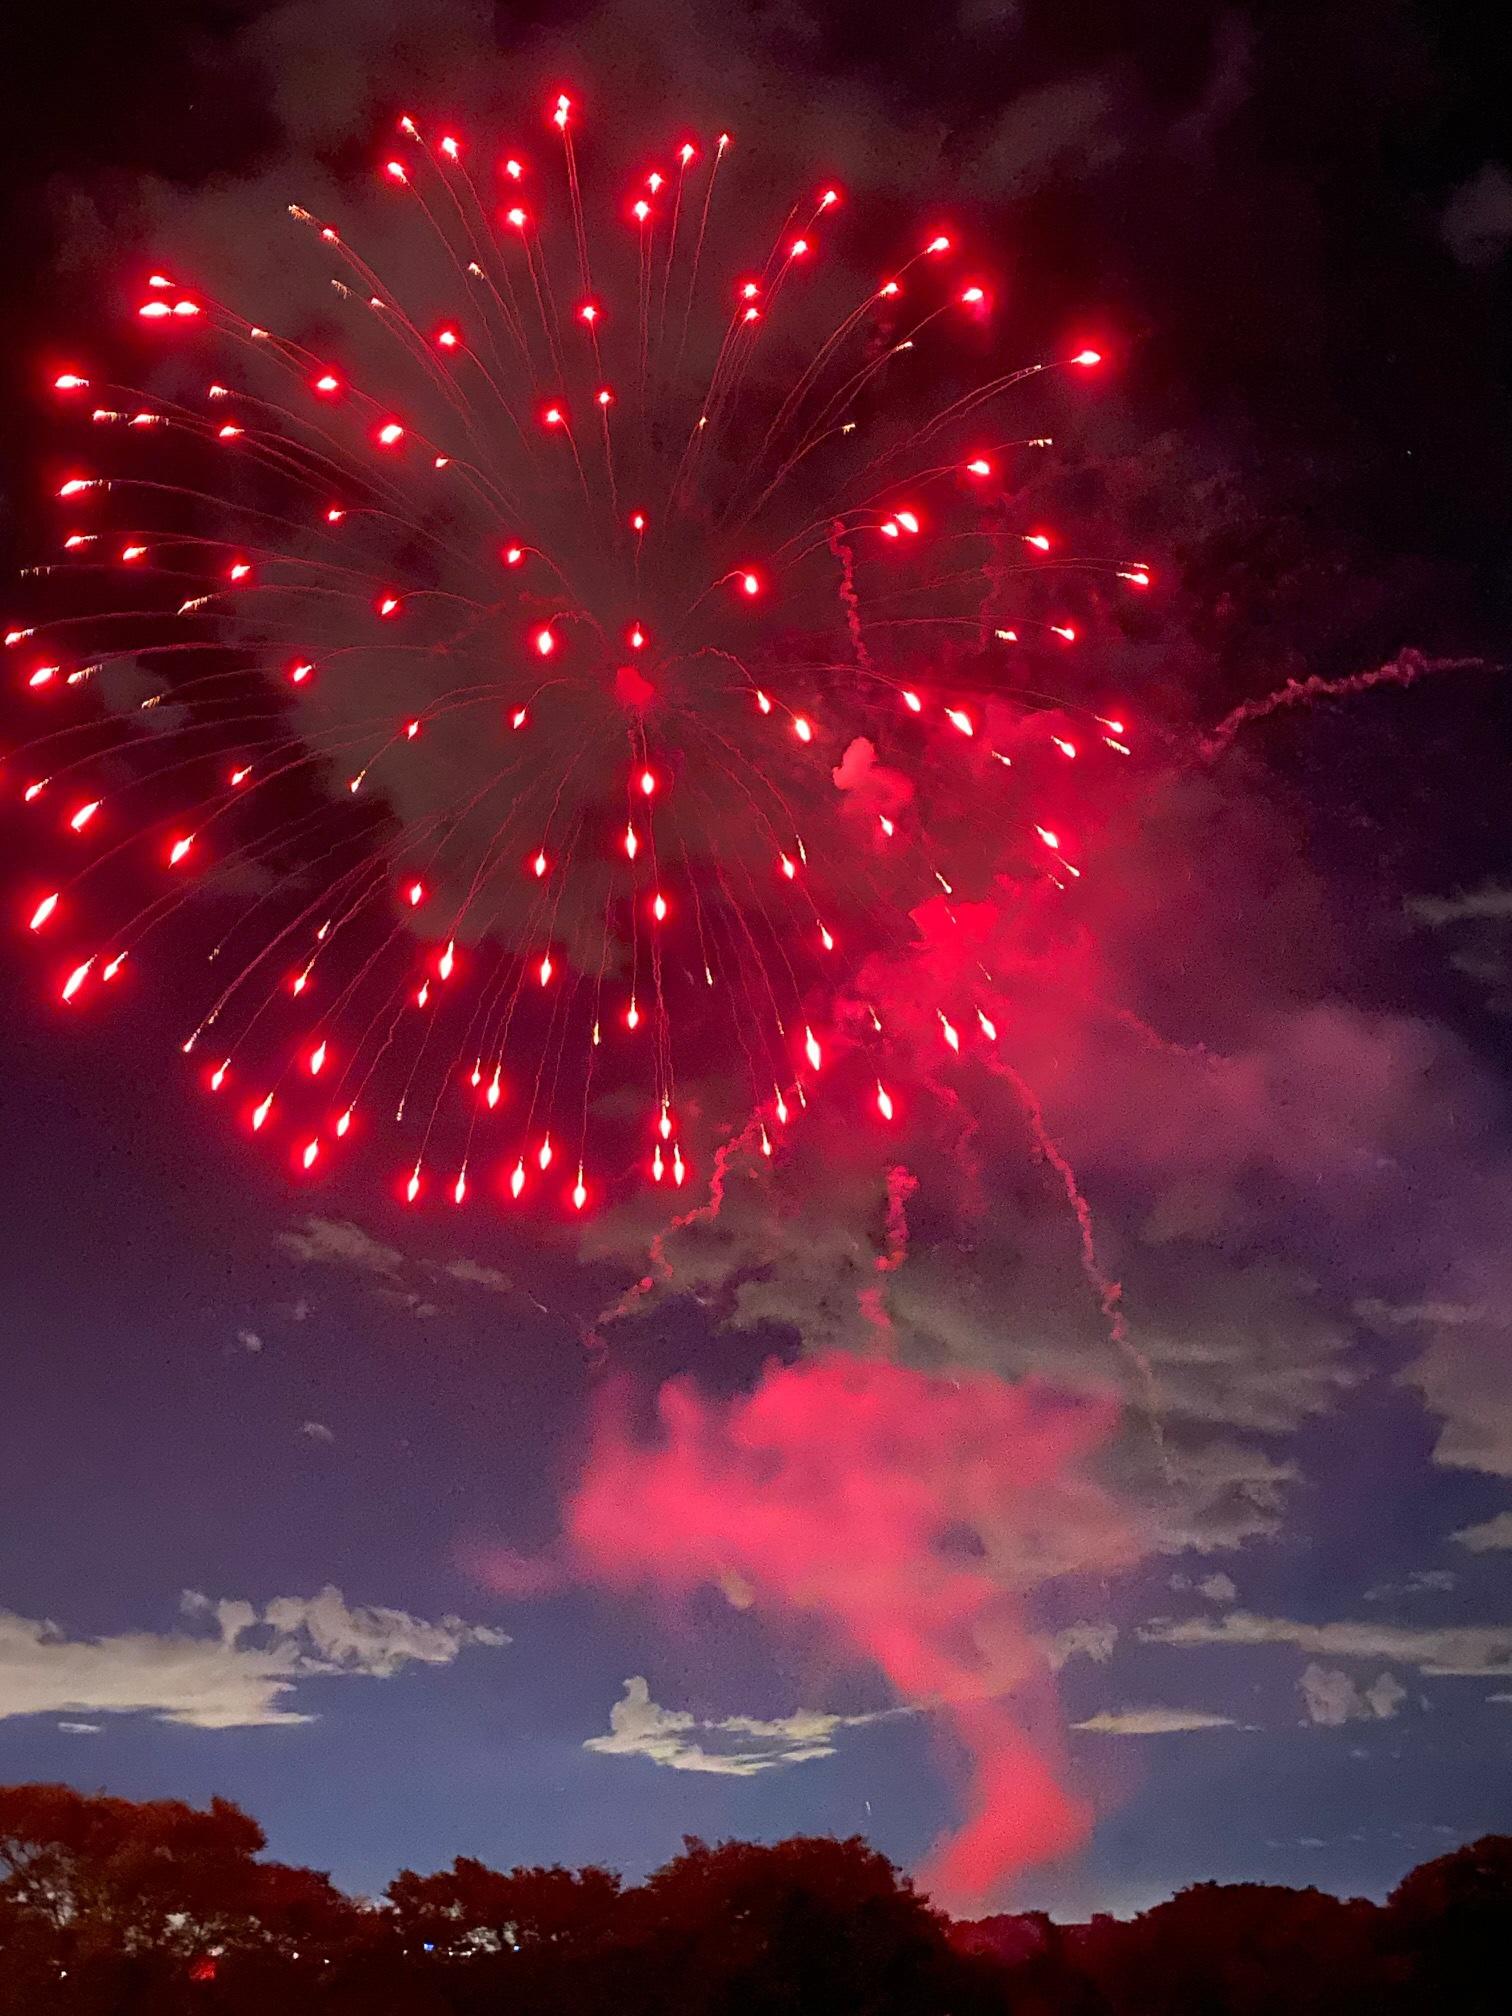 花火 今日 サプライズ 秋田県の花火大会情報(2021年日程一覧)